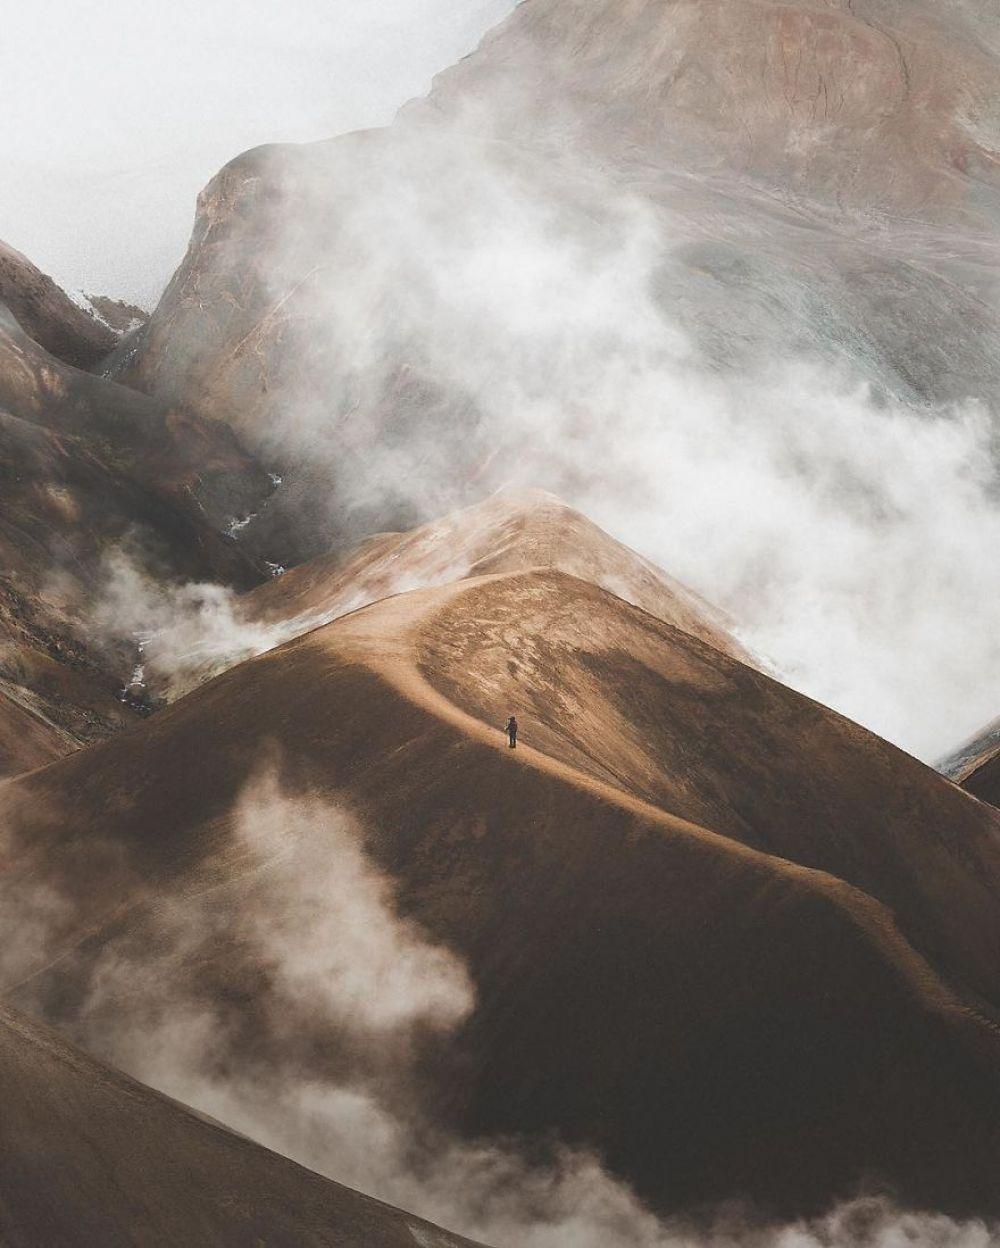 Исландия, как будто находится не на Земле, а на абсолютно неизвестной планете